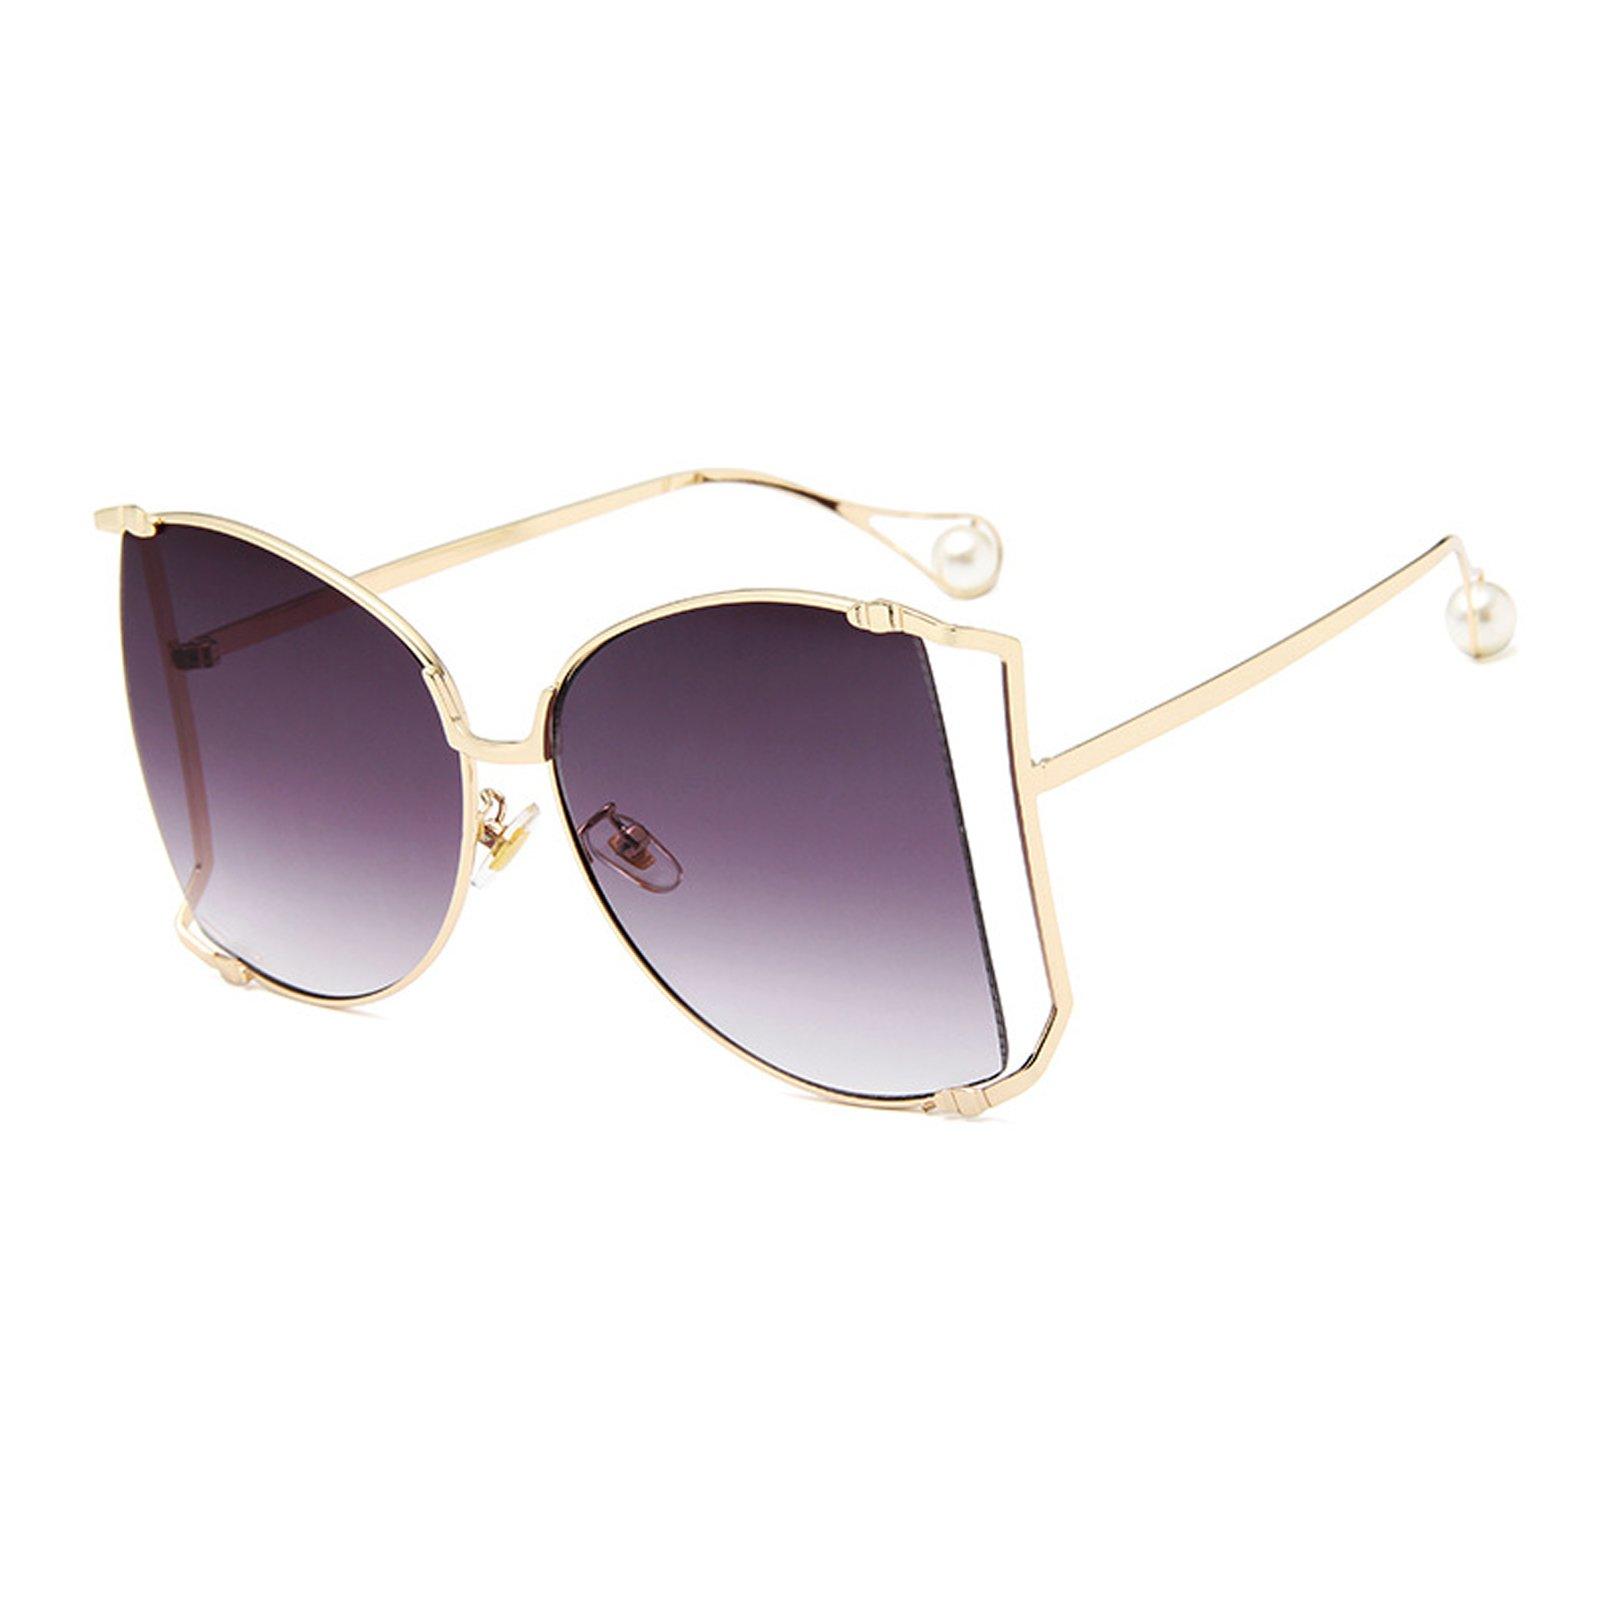 Livhò Sunglasses for Women Oversized Square Metal Frame Brand Designer Shades UV400